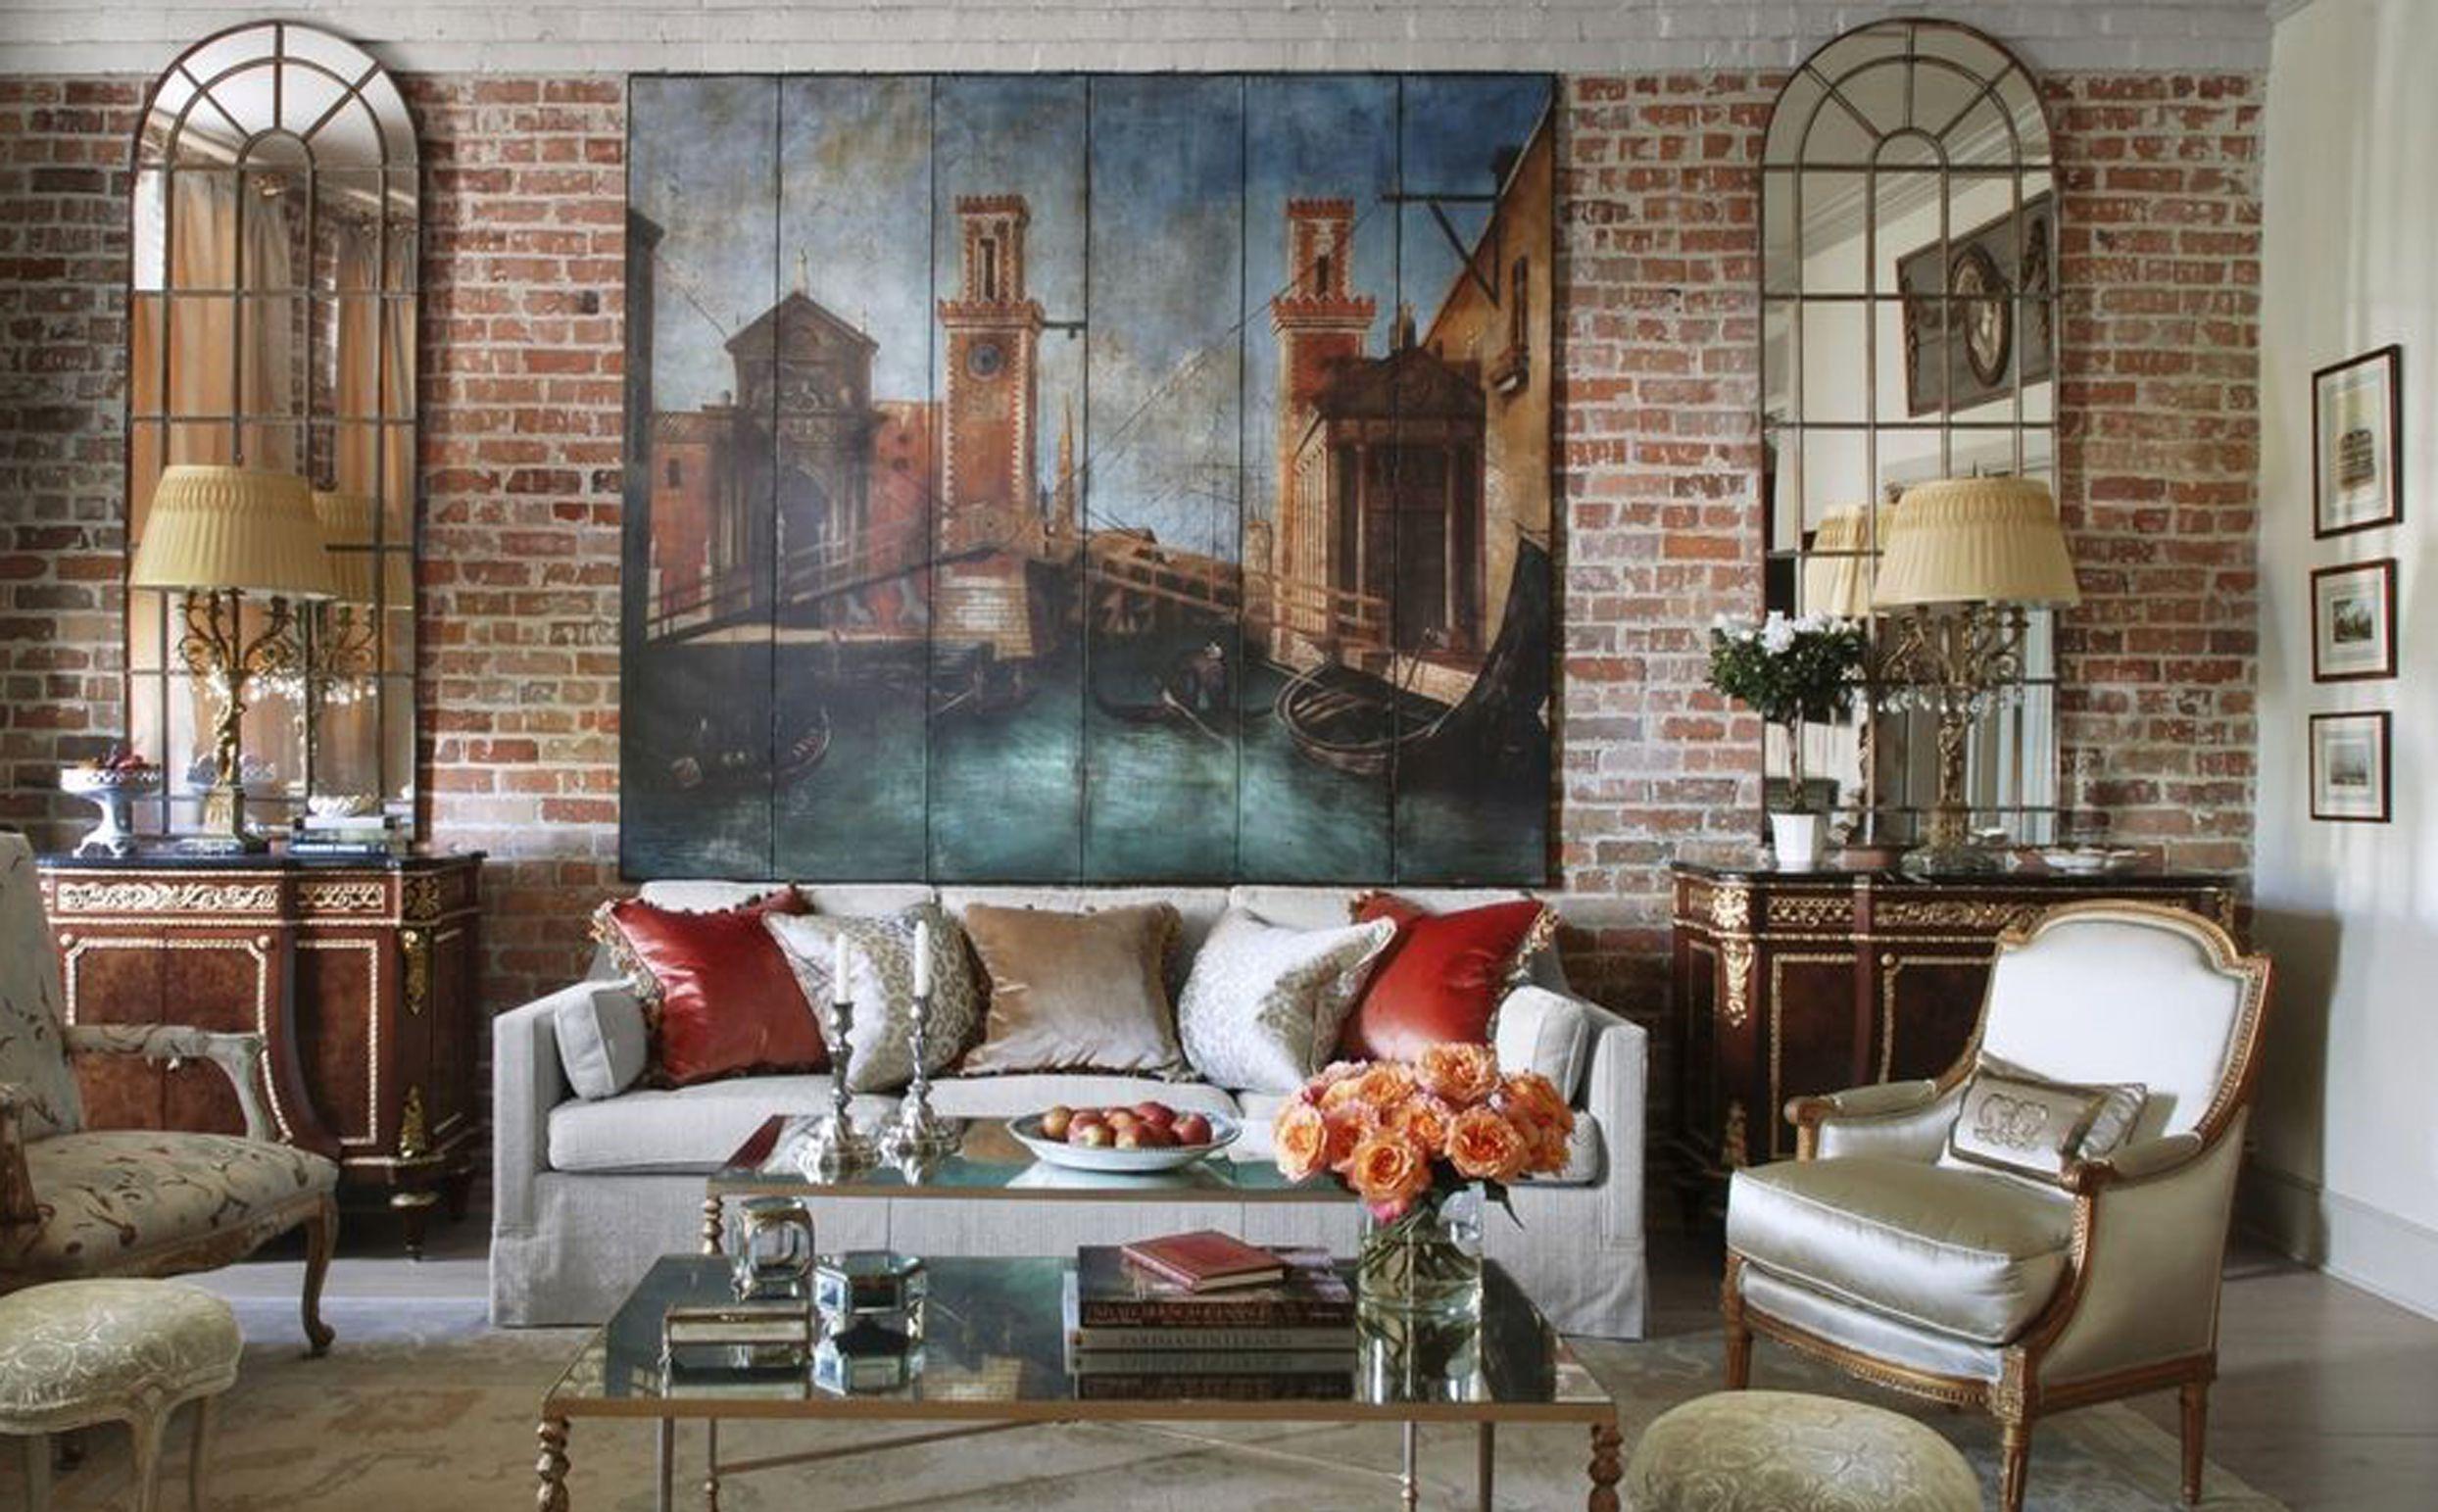 Une autre façon de rendre la pièce plus intéressante consiste à acheter une grande œuvre d'art mural.